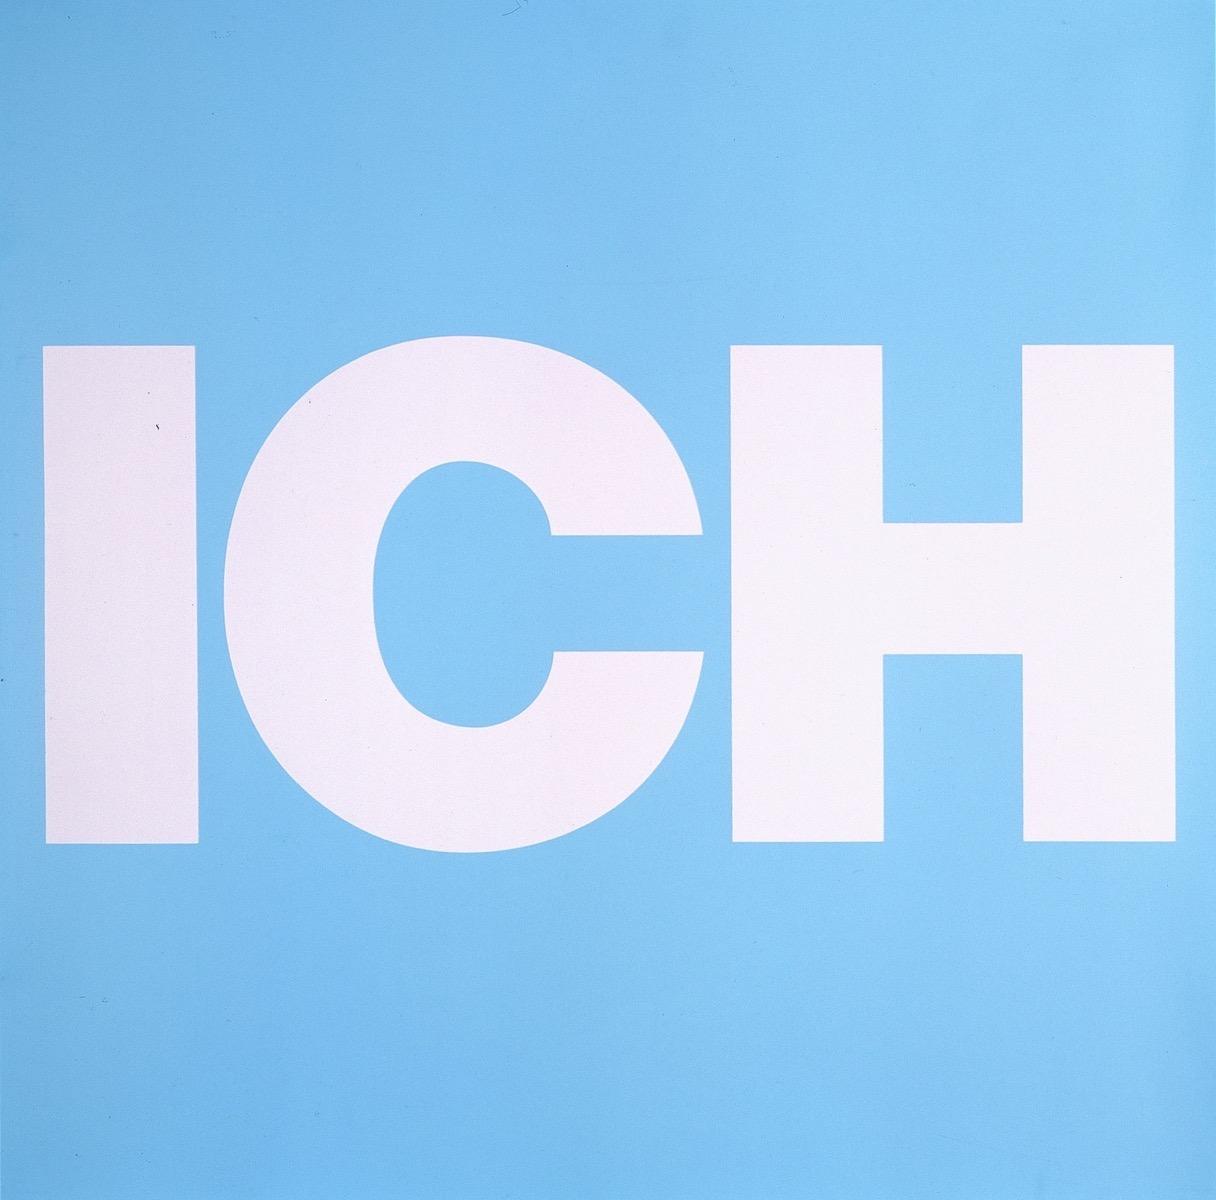 ICH, BLAU | Affirmation tut gut | Angelika Beuler | 1992